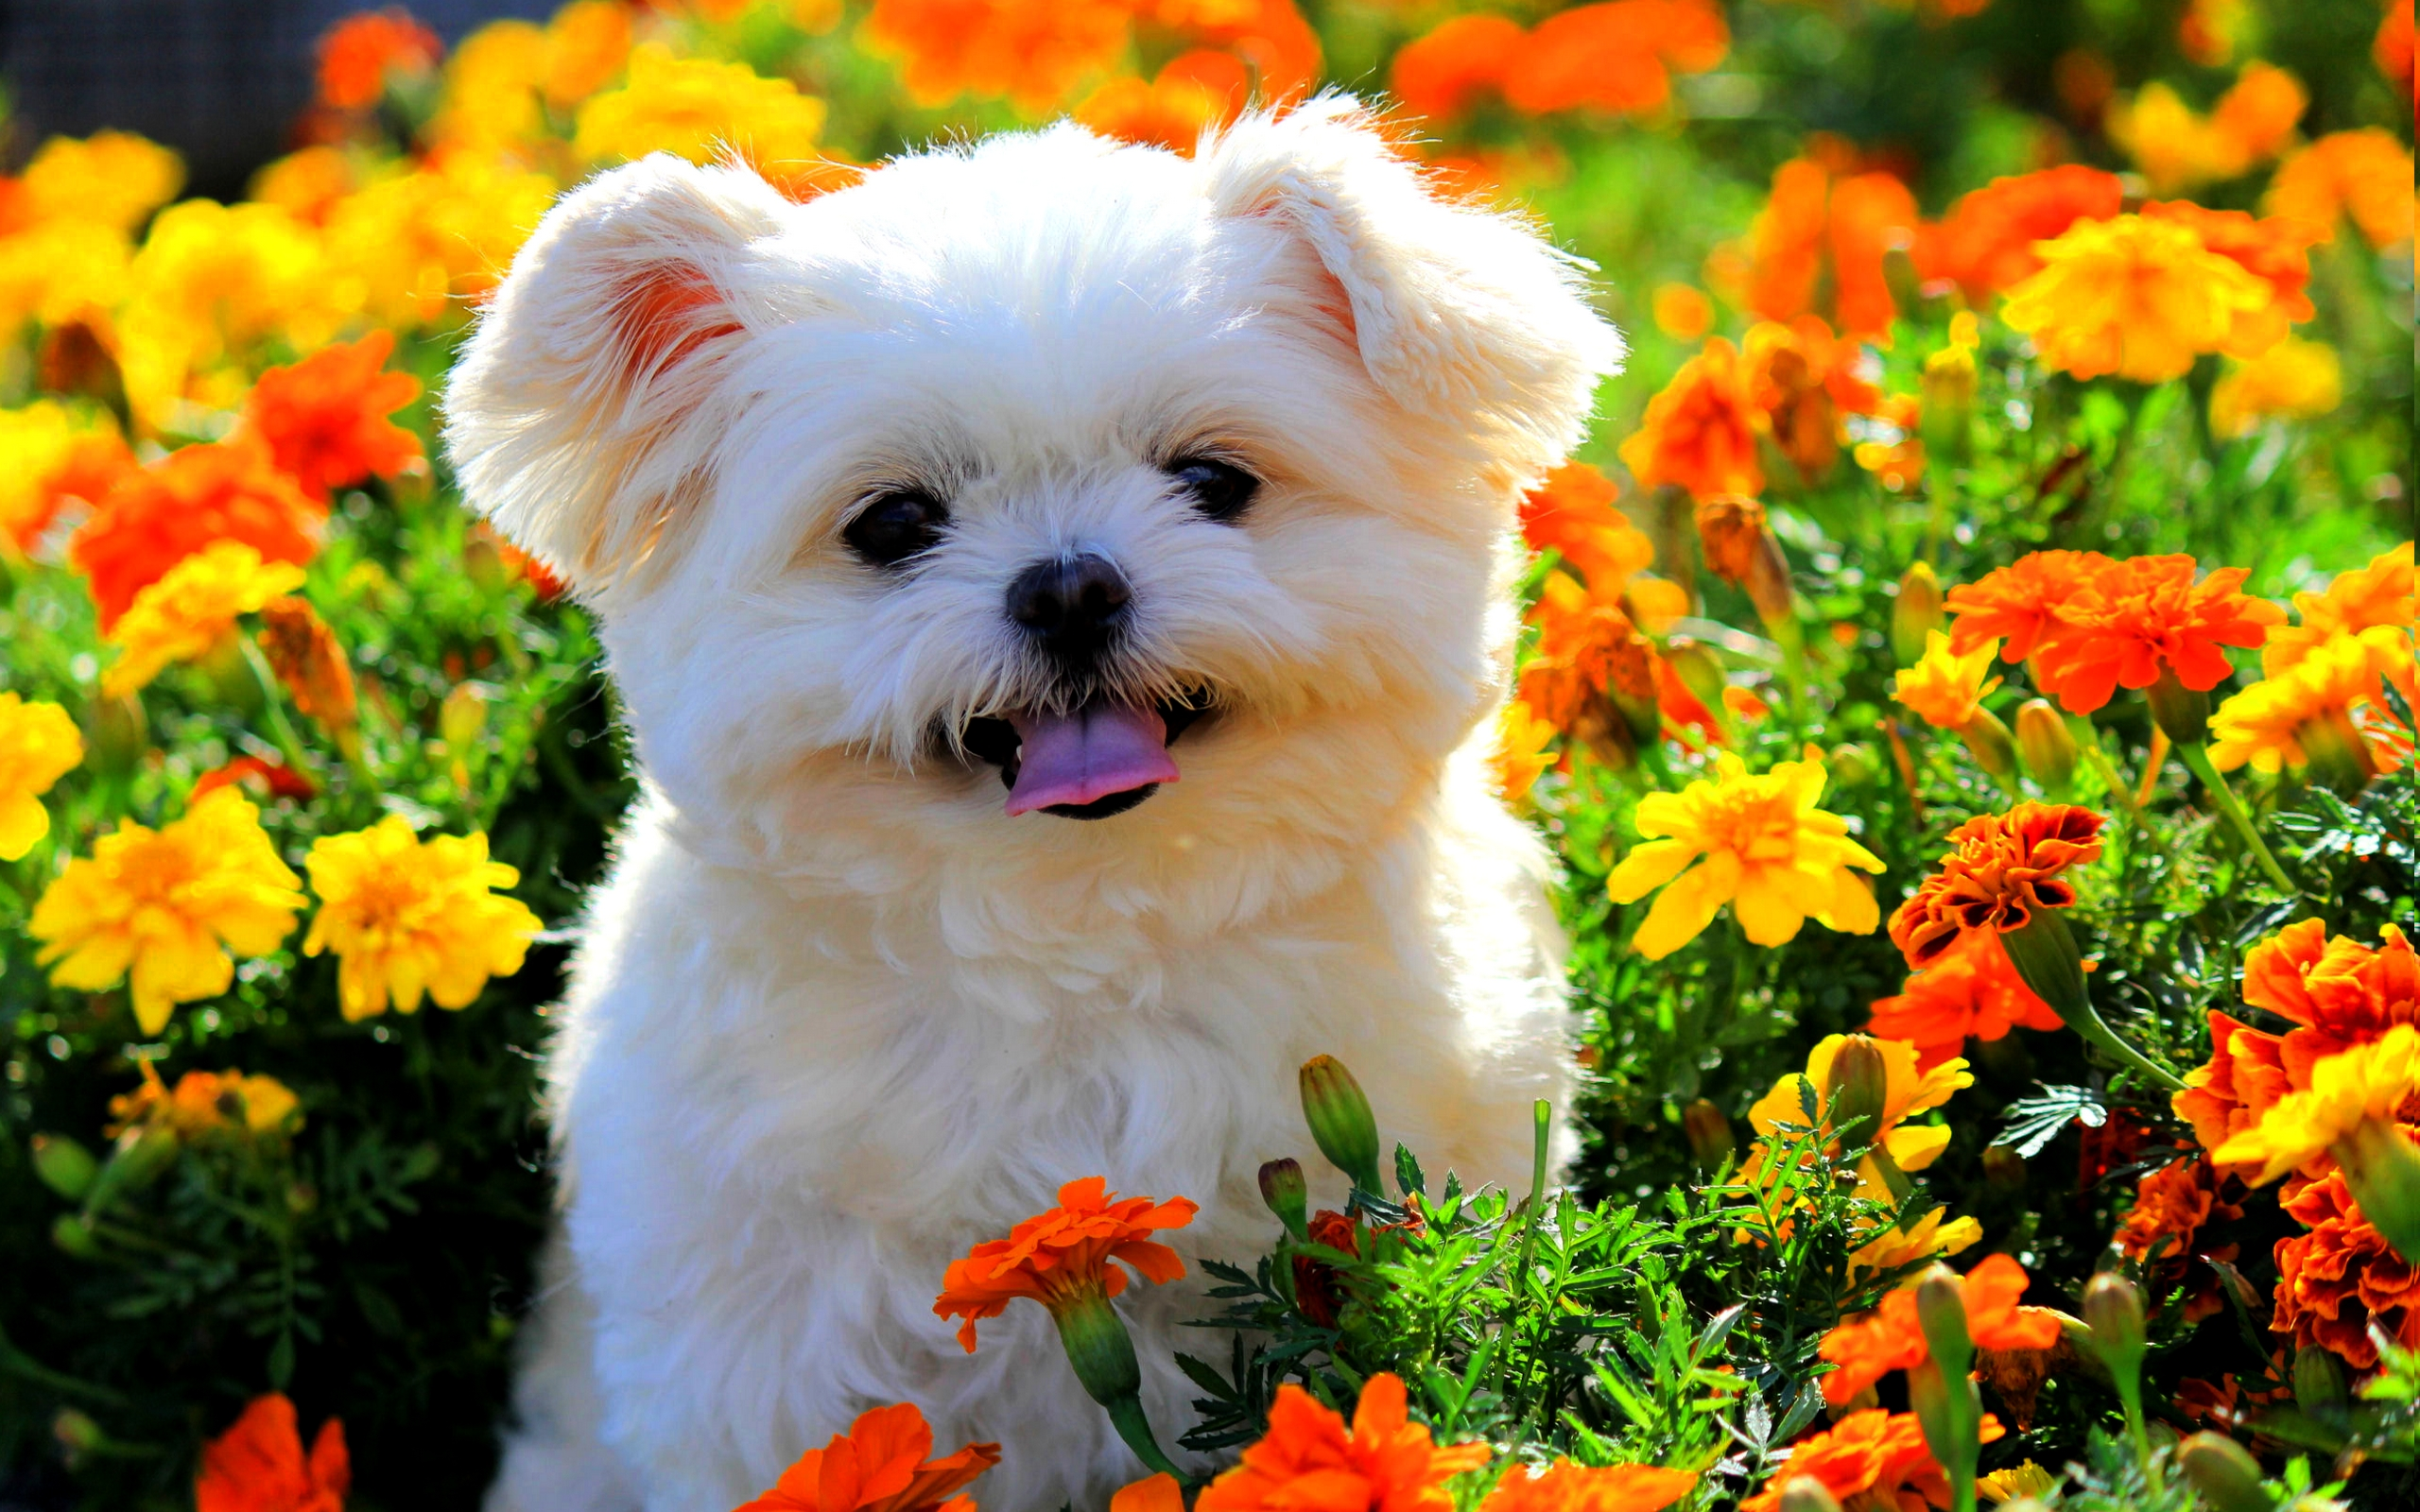 Cute Puppy In Flowers HD Wallpaper